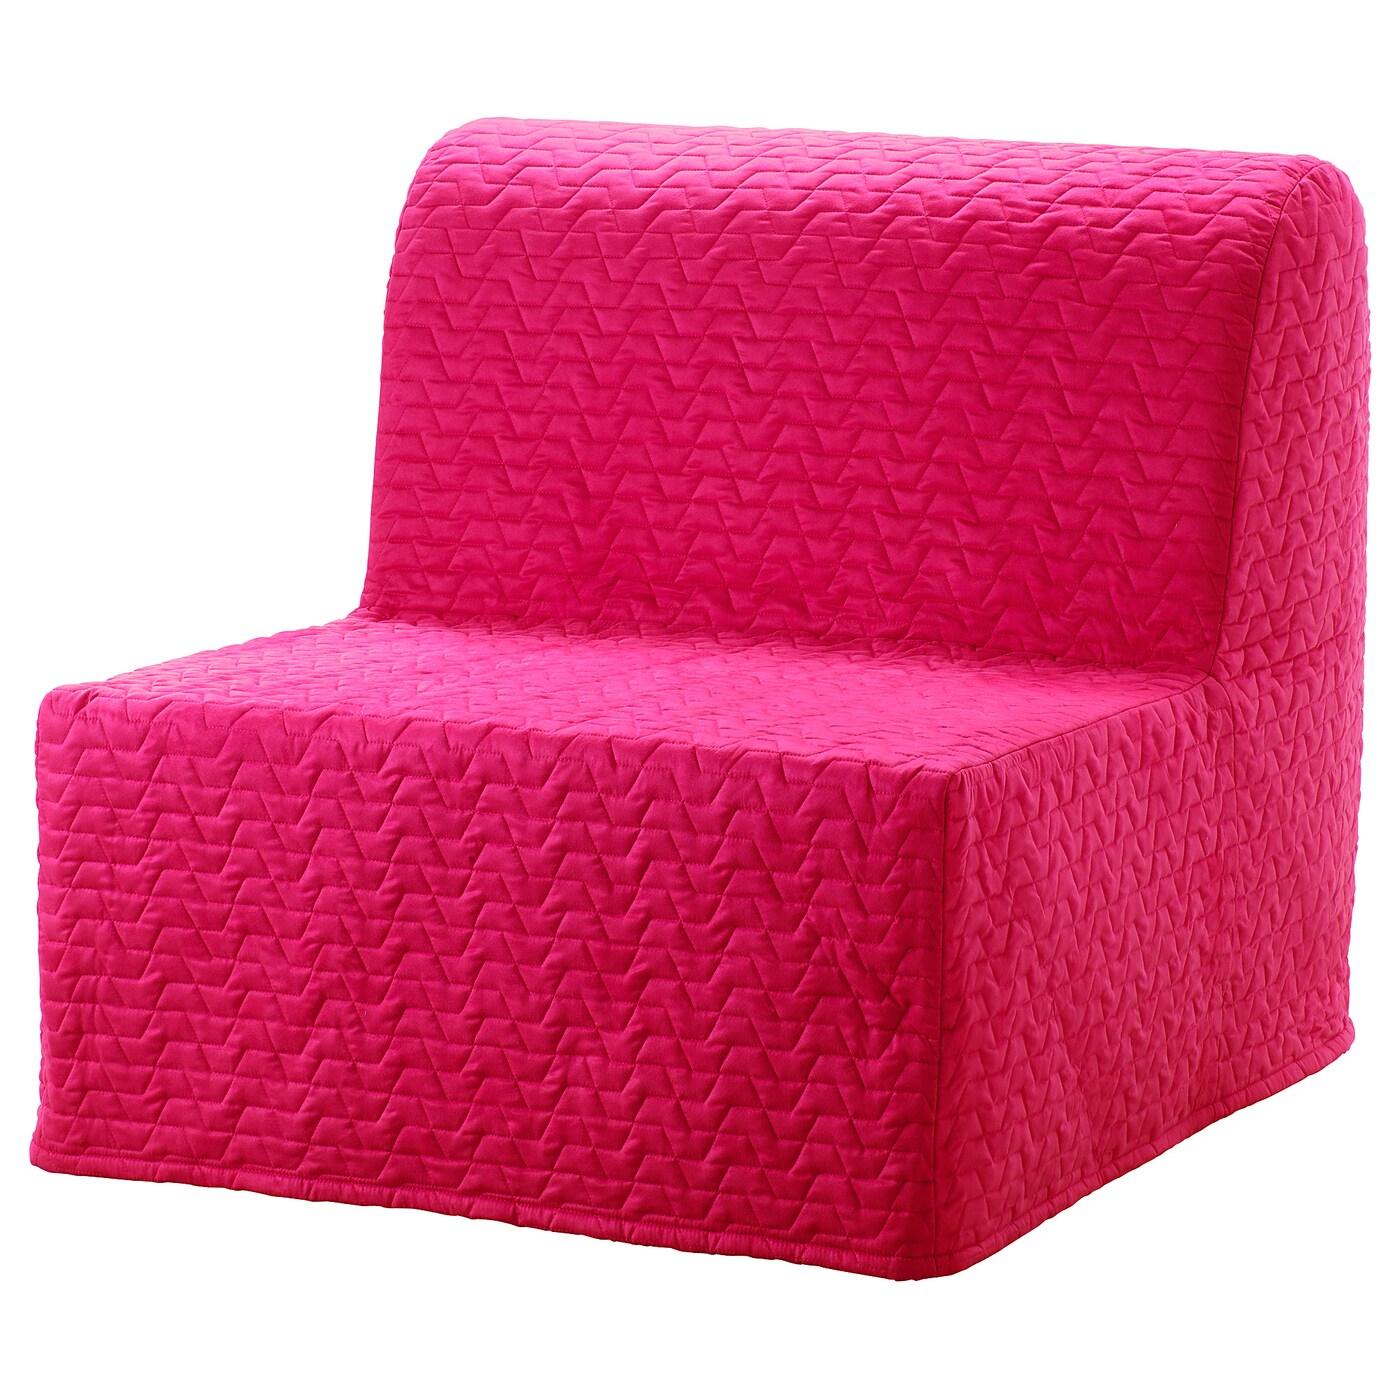 1 Persoons Slaapzetel.Zetelbed Sofabed Slaapzetel 1 2 Personen Goedkoop Kopen Ikea